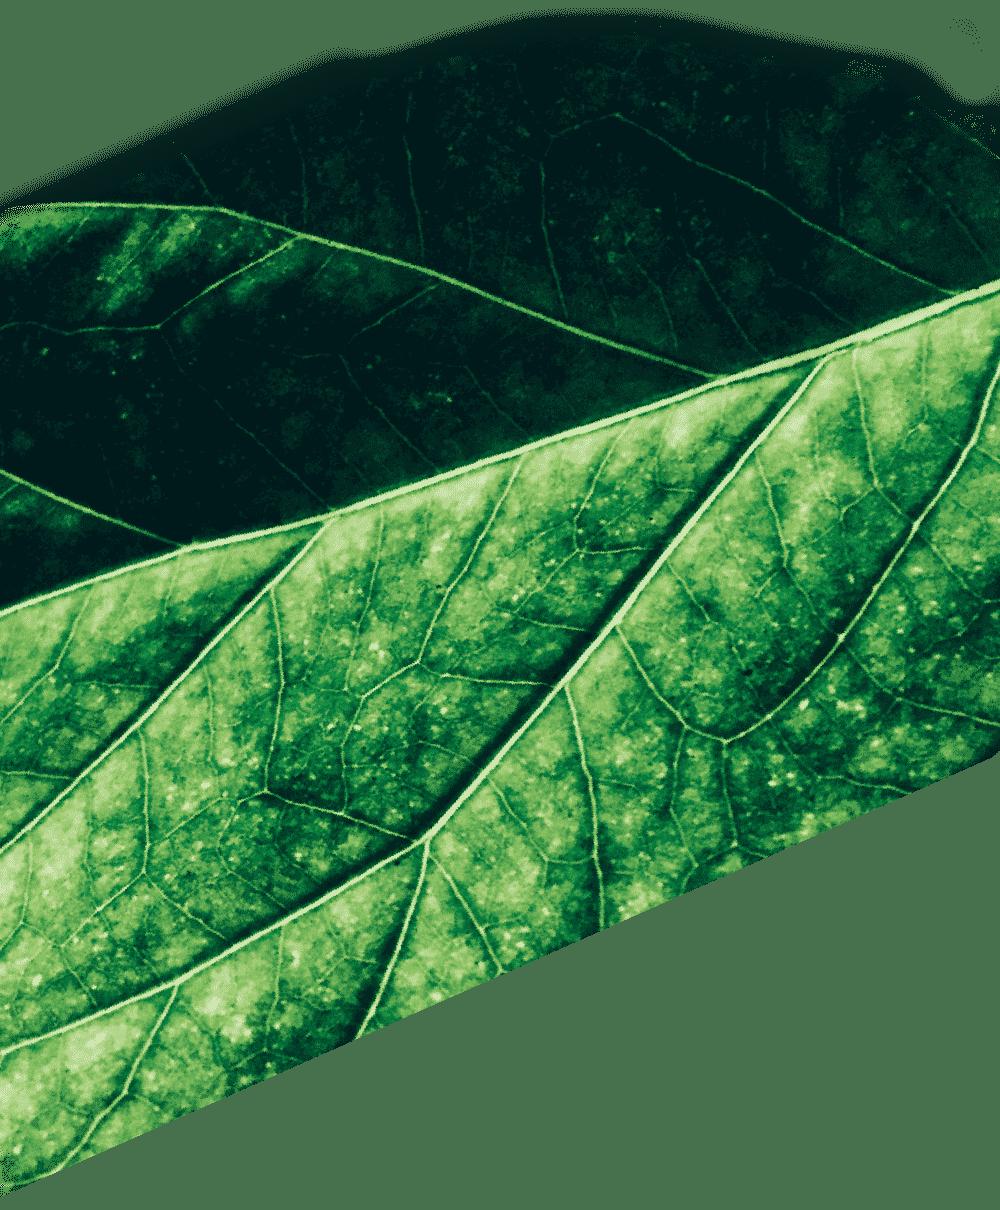 葉っぱの背景